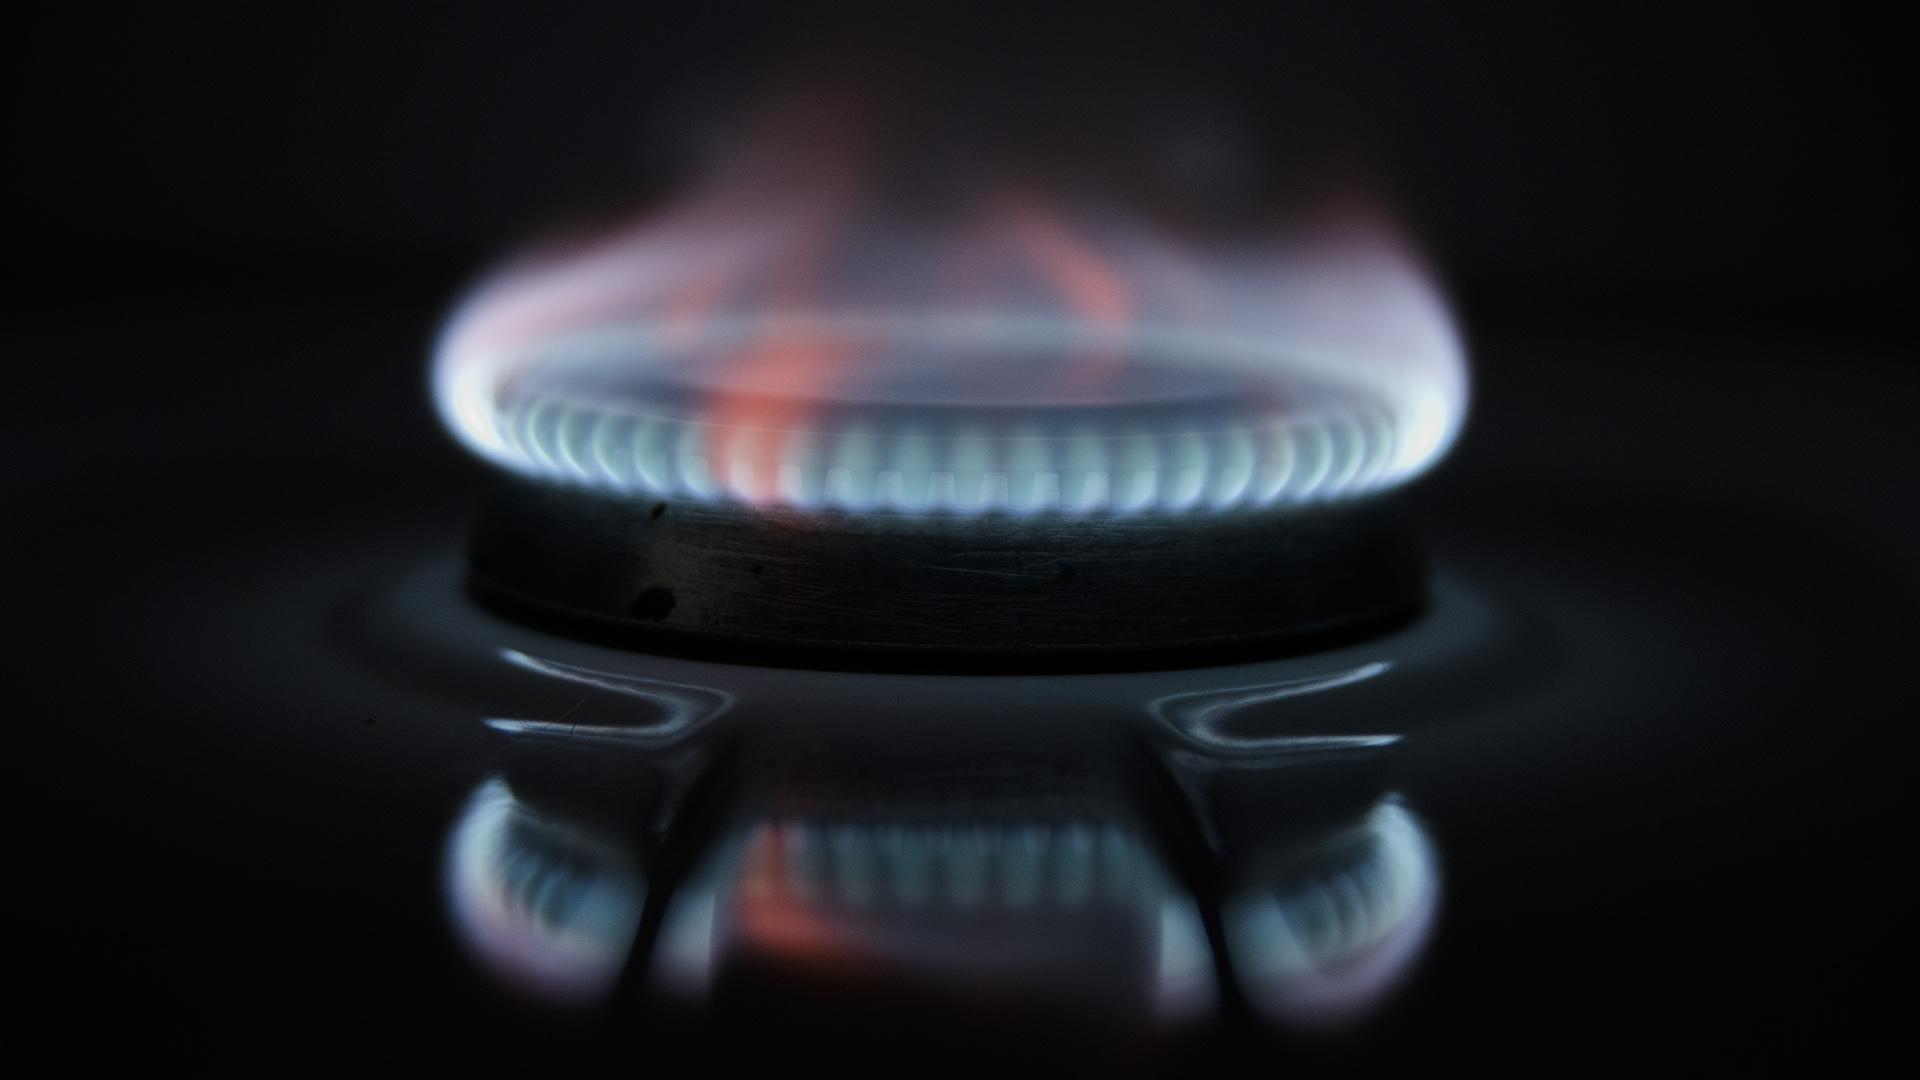 ¿Me interesa contratar tarifas planas de gas y electricidad para pagar lo mismo los doce meses del año?